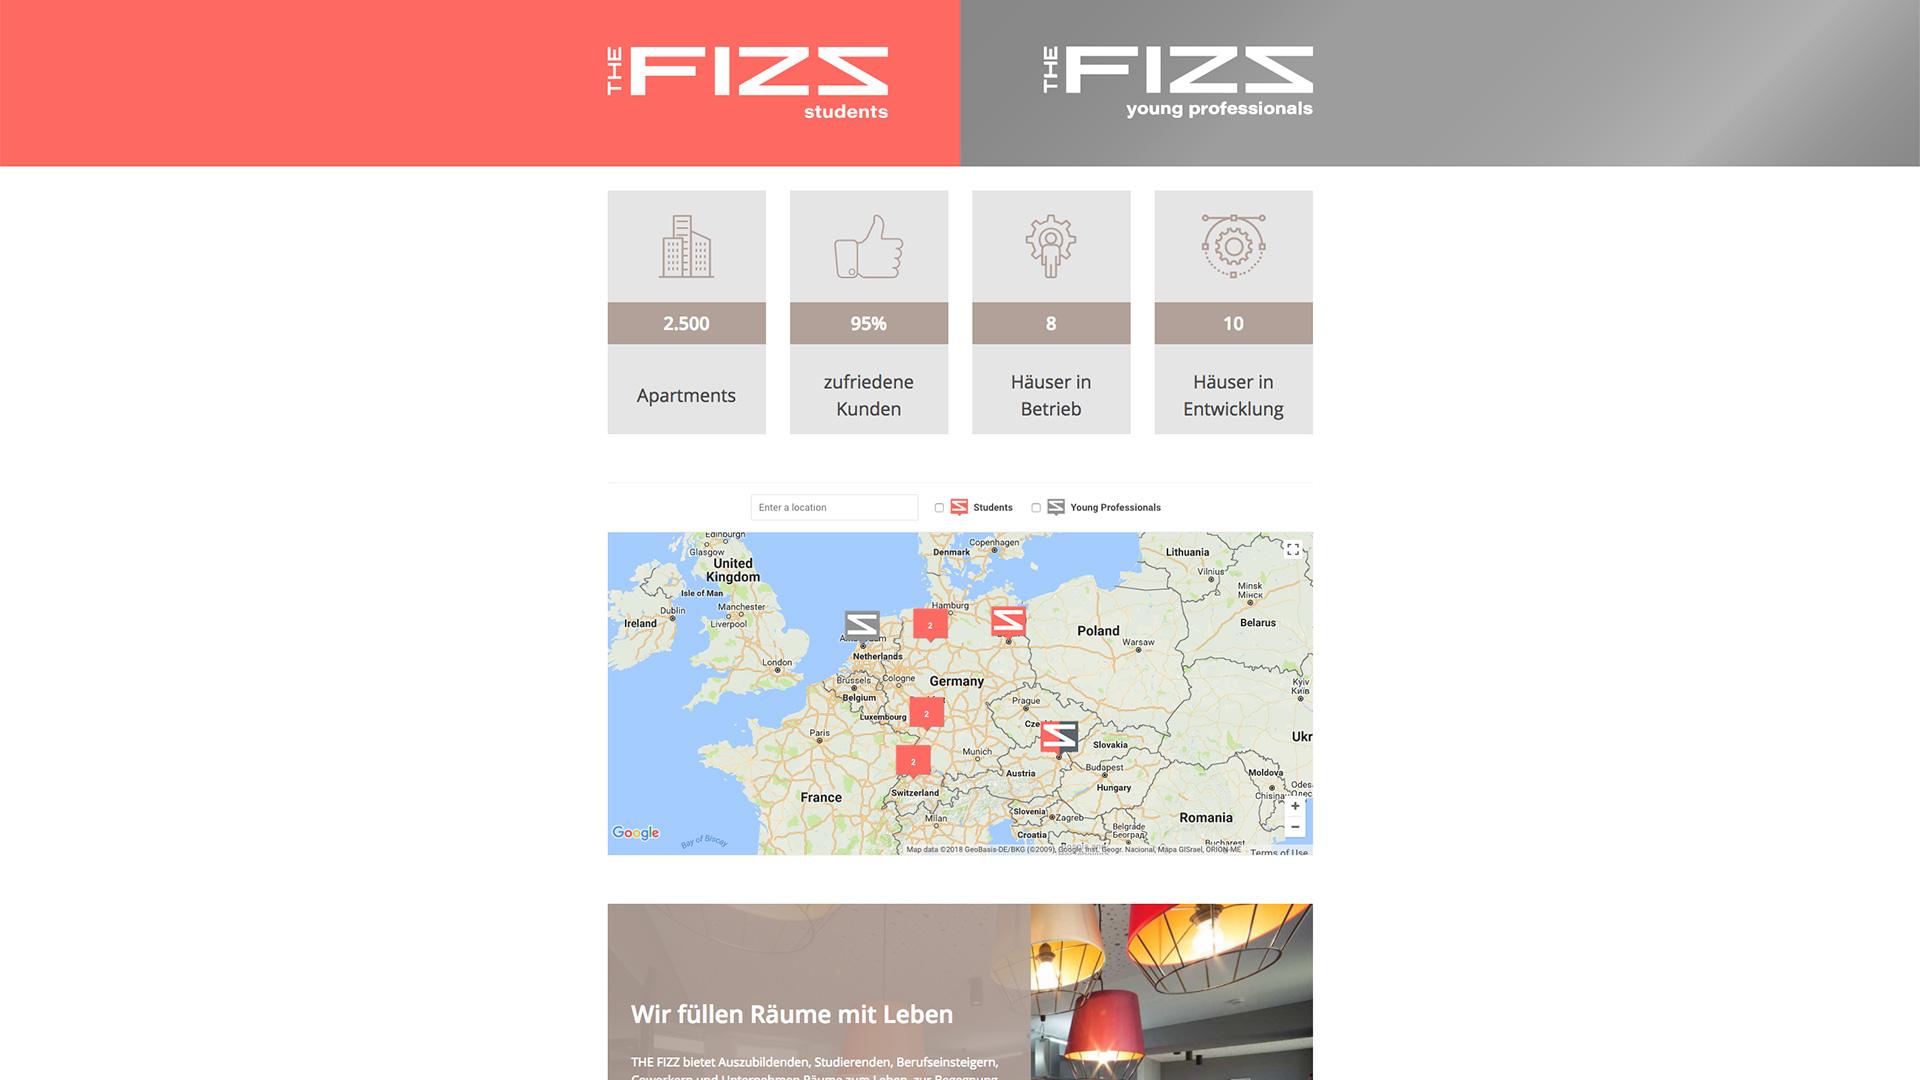 Zahlen und Fakten zu den Produkten der THE FIZZ business